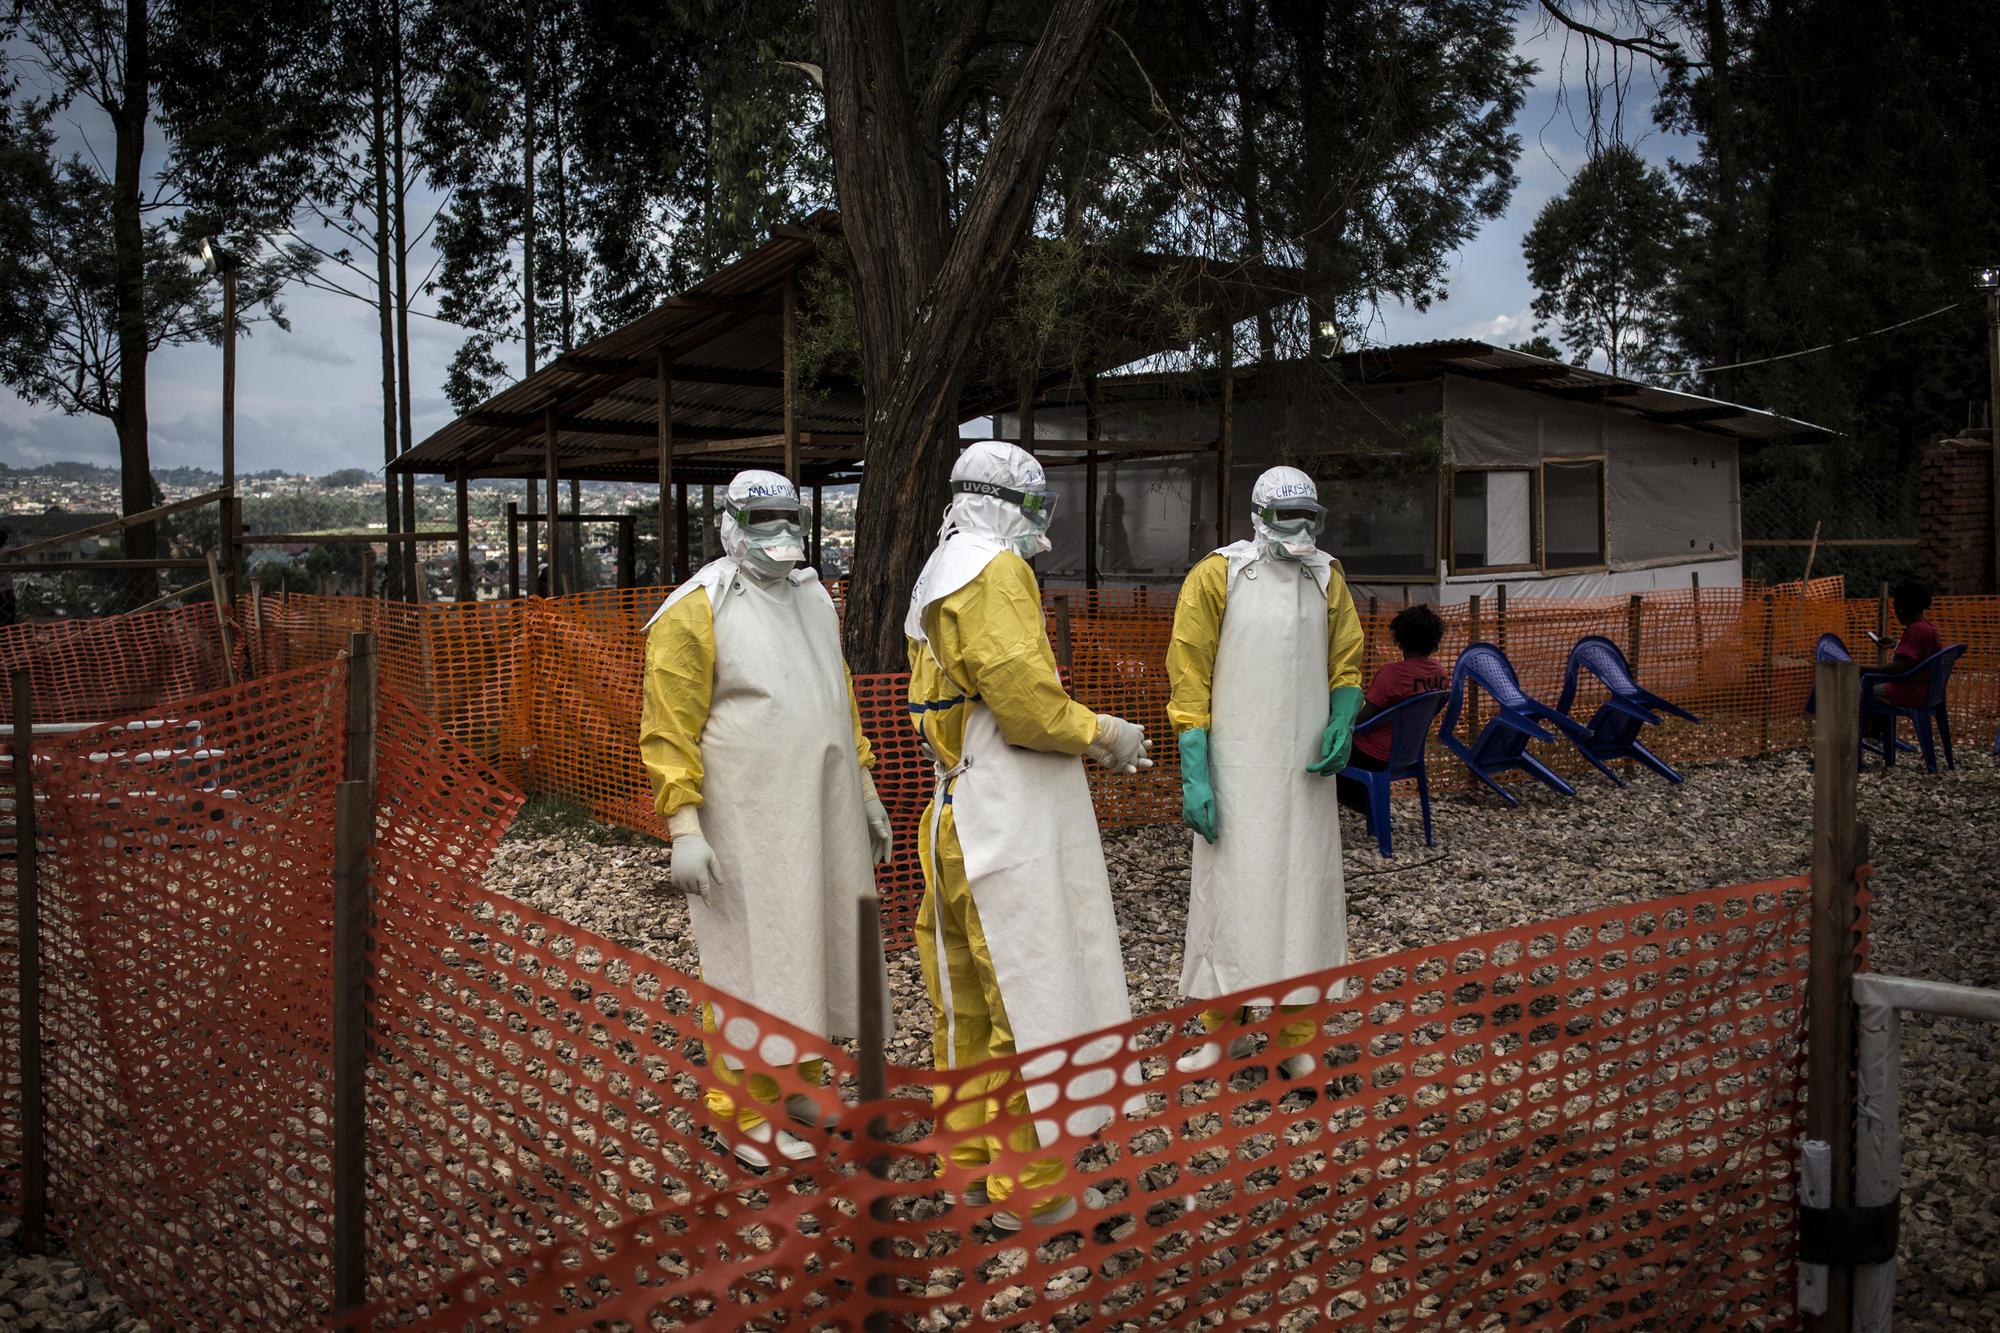 Témoignage de retour de mission à Marseille : Marie-Laure médecin de retour d'une mission Ebola en RDC